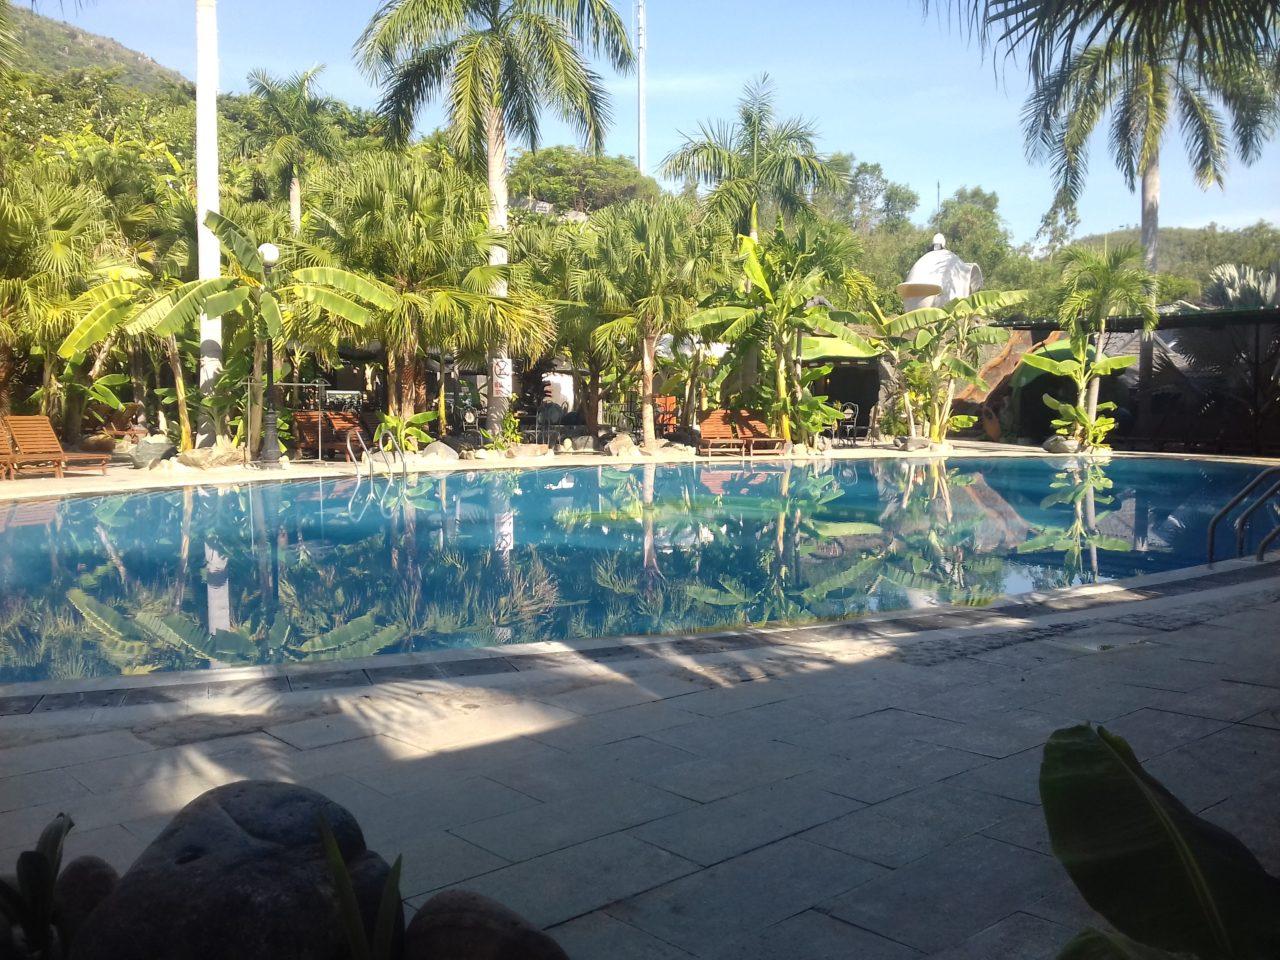 Hospital pool